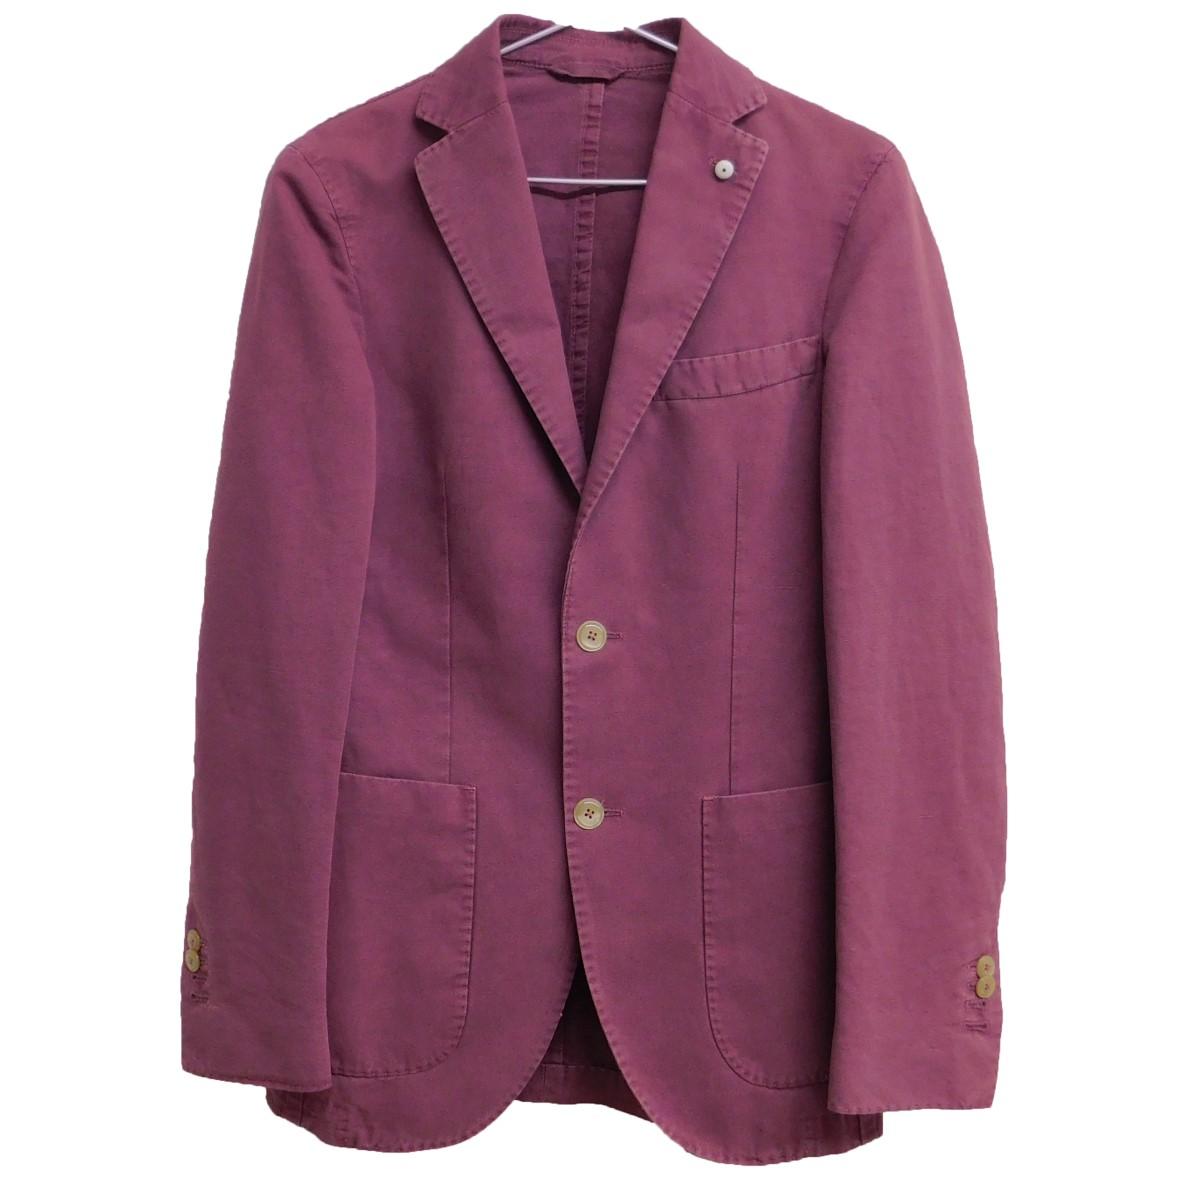 【中古】L.B.M.1911 リネン混テーラードジャケット バイオレット サイズ:42 【010920】(エルビーエム)